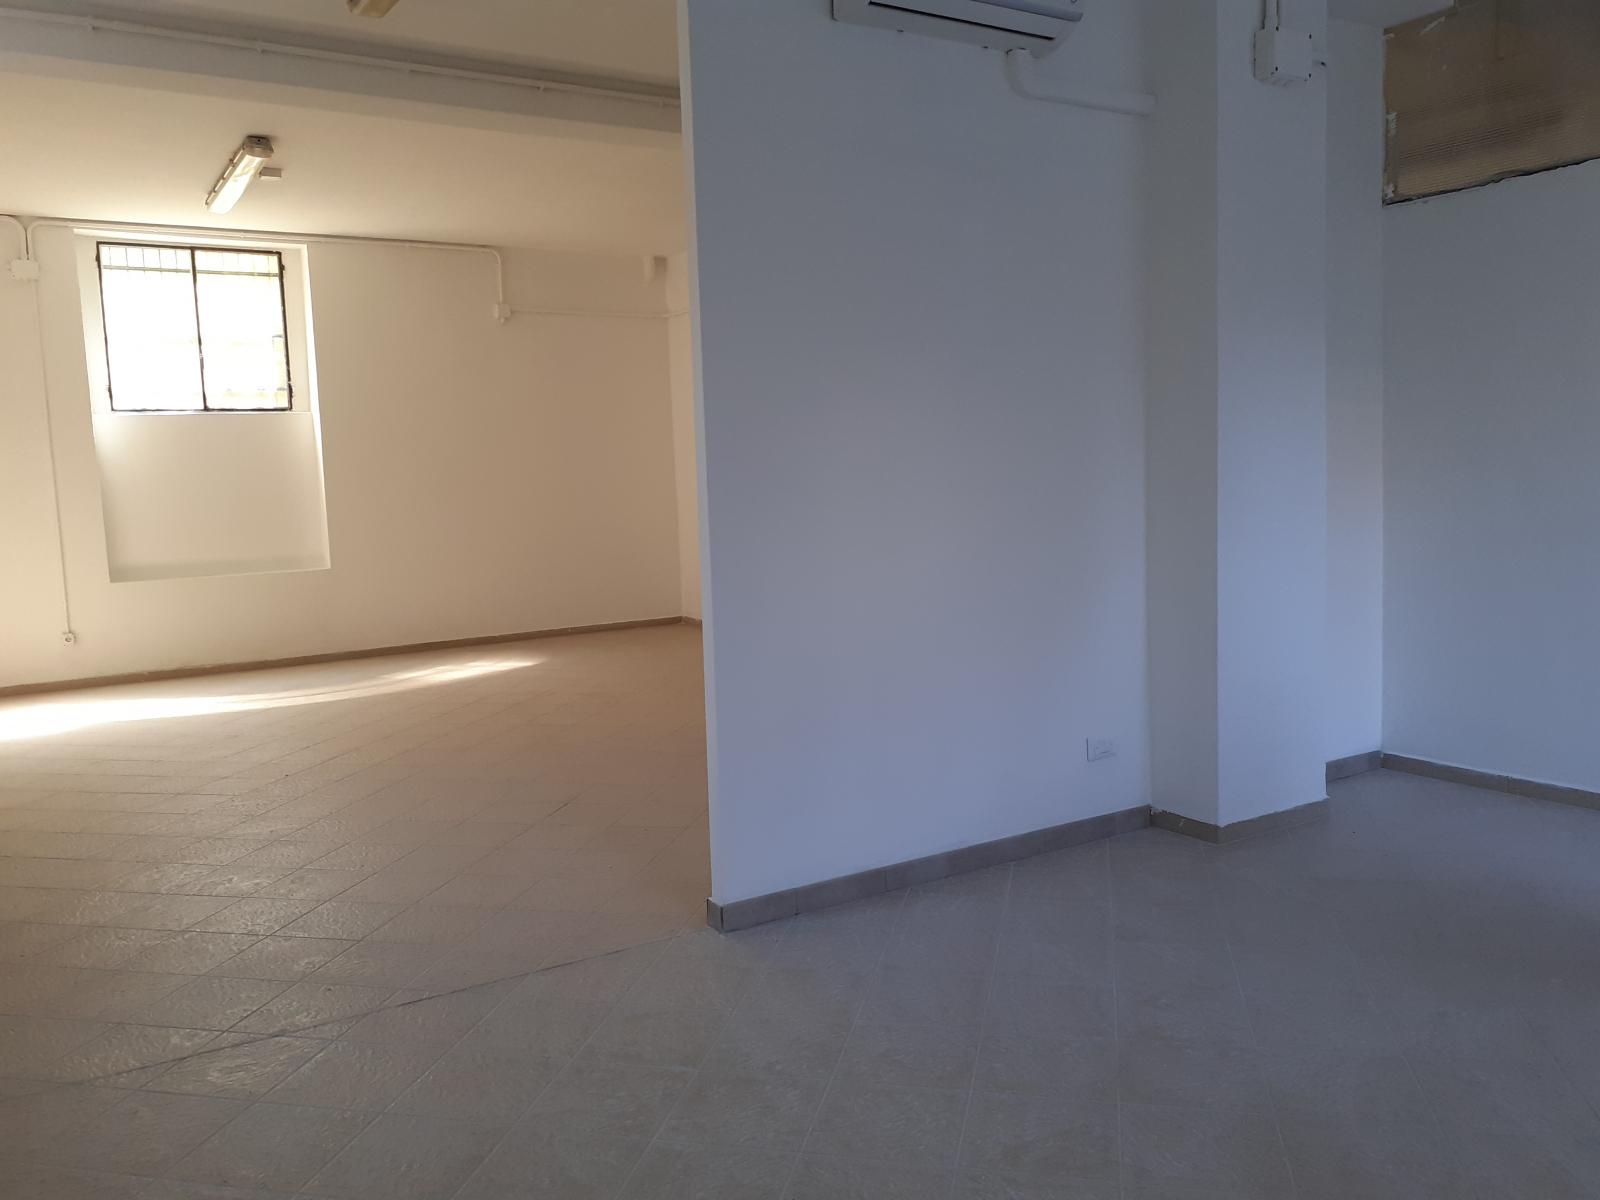 laboratorio-magazzino-in-vendita-affitto-a-baggio-spaziourbano-immobiliare-vende-affitta-9